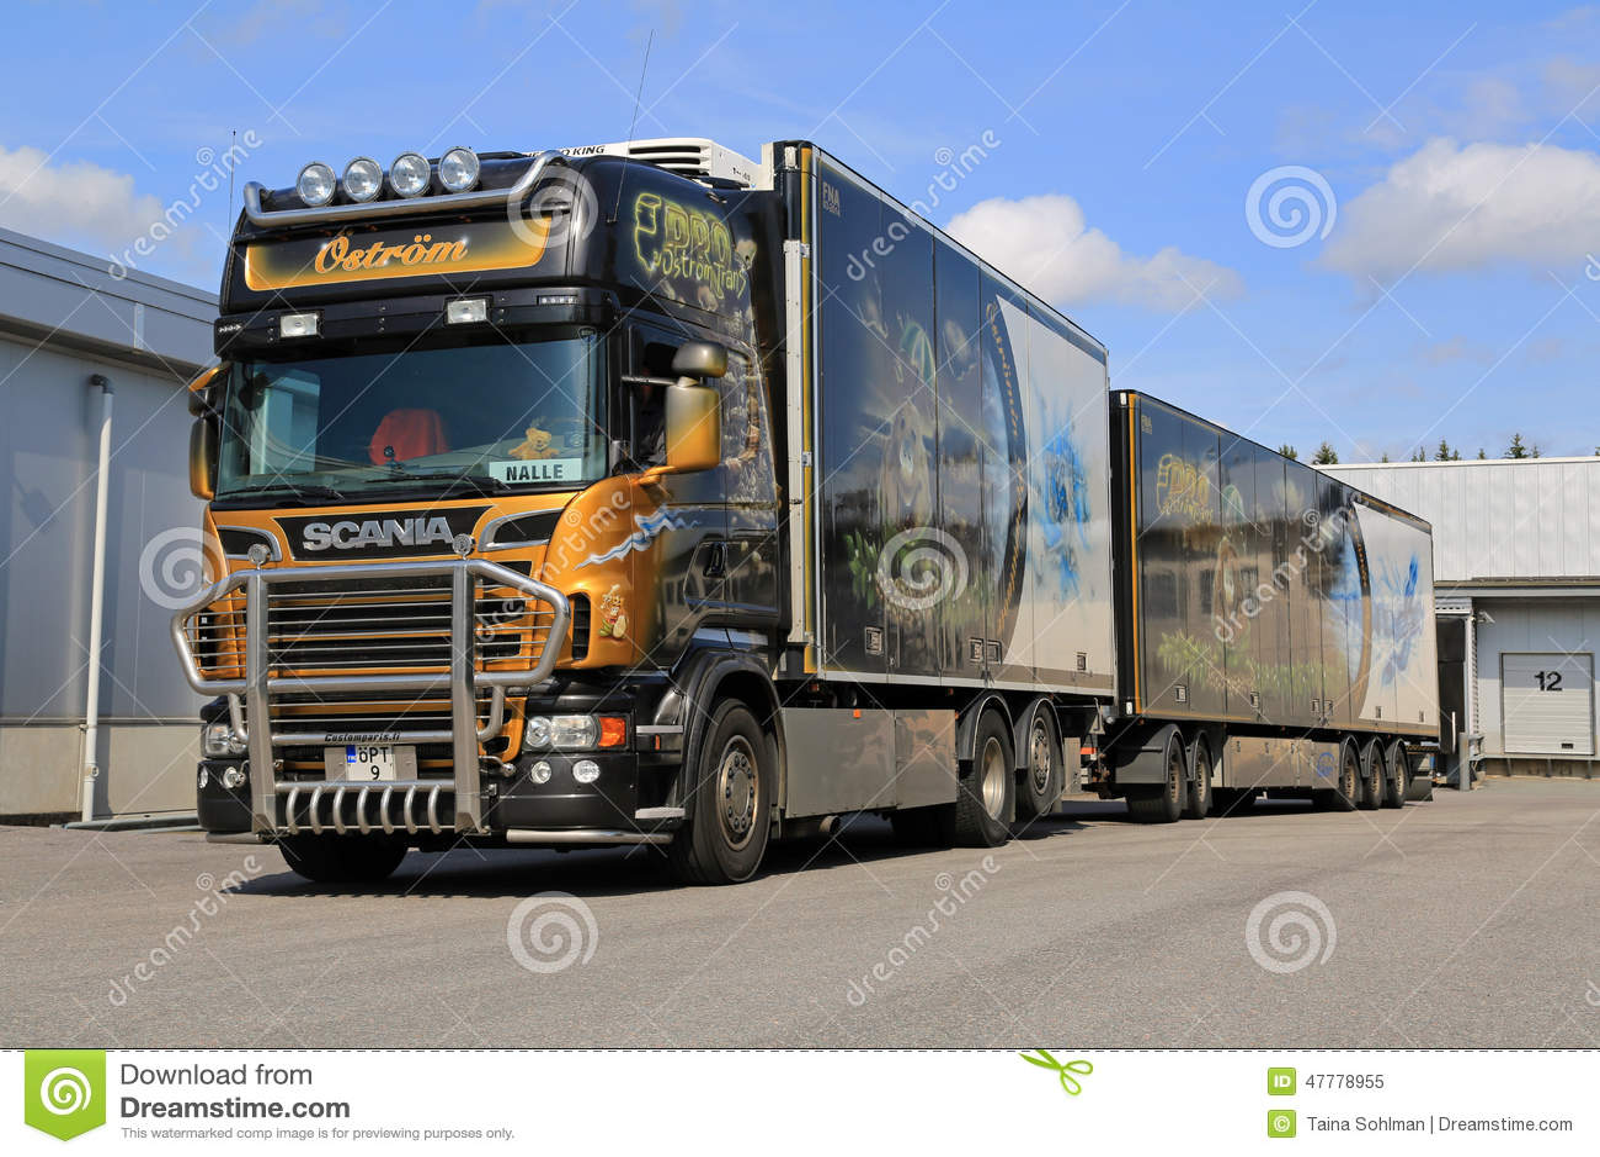 el cami243n de remolque complementado de scania v8